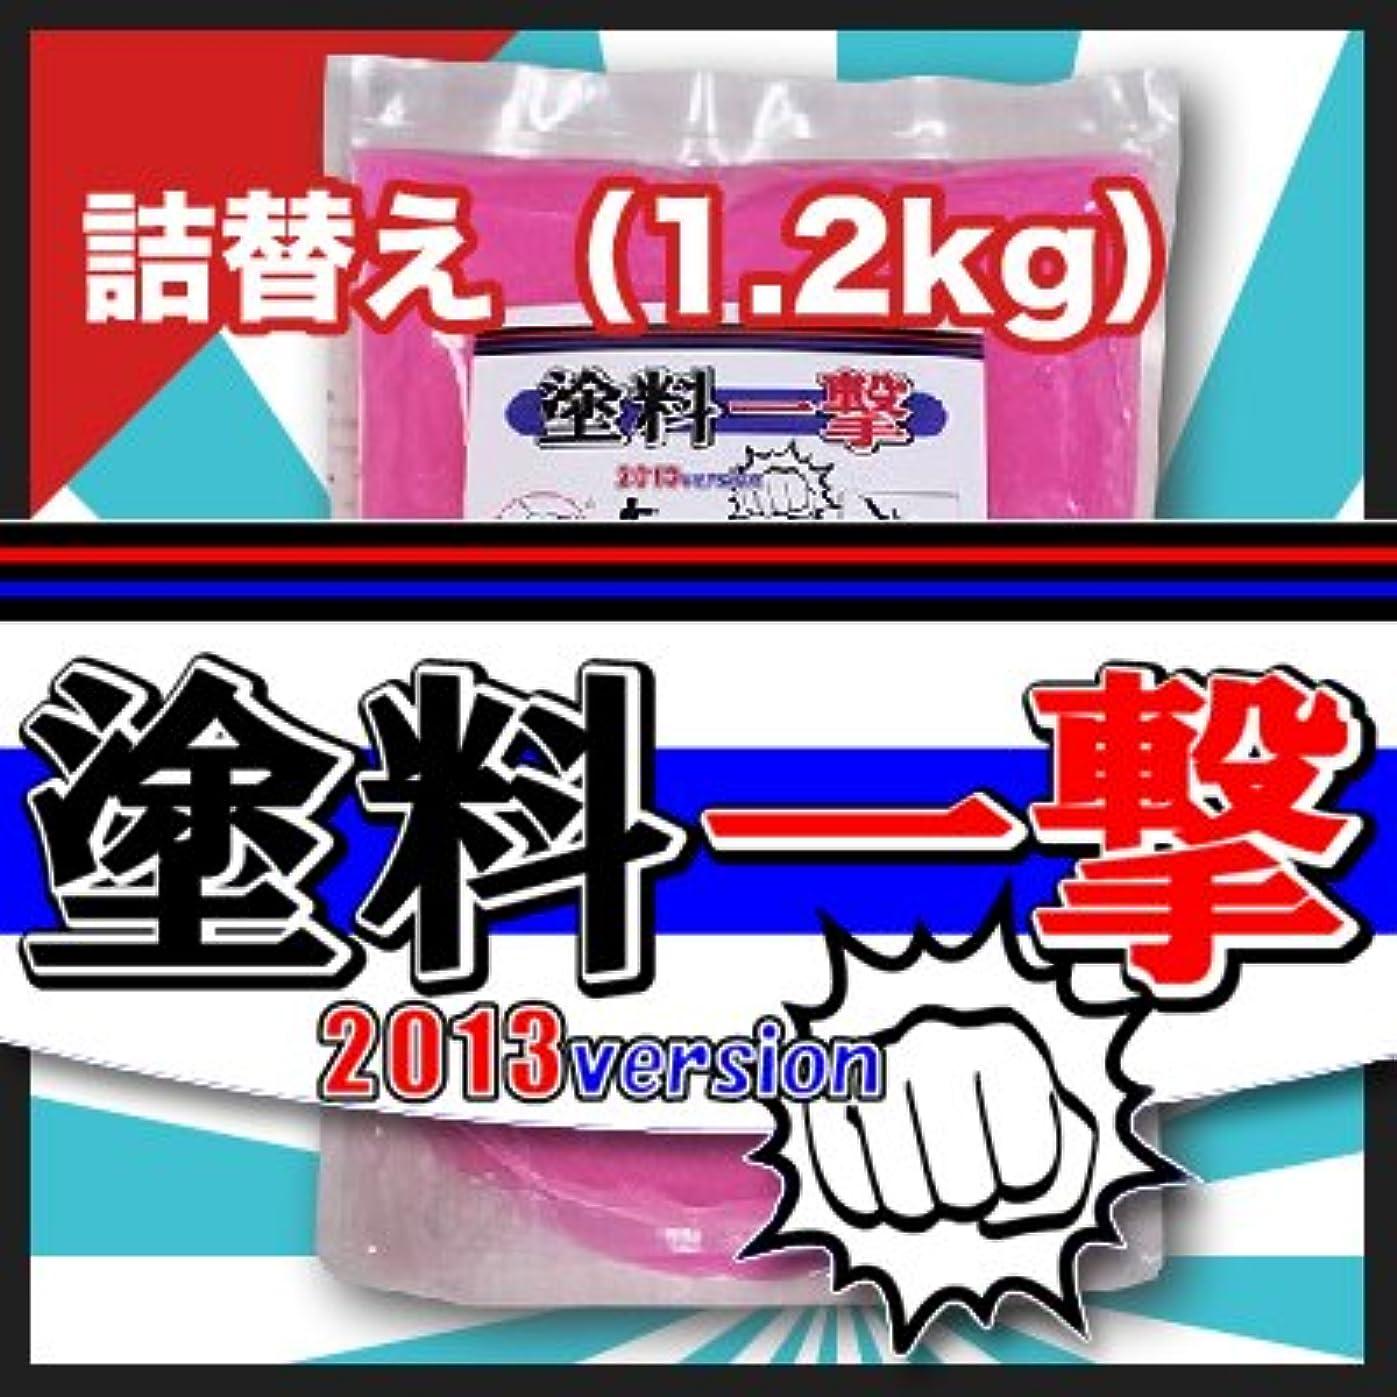 容量コンサート力強いD.Iプランニング 塗料一撃 2013 Version 詰め替え (1.2kg)